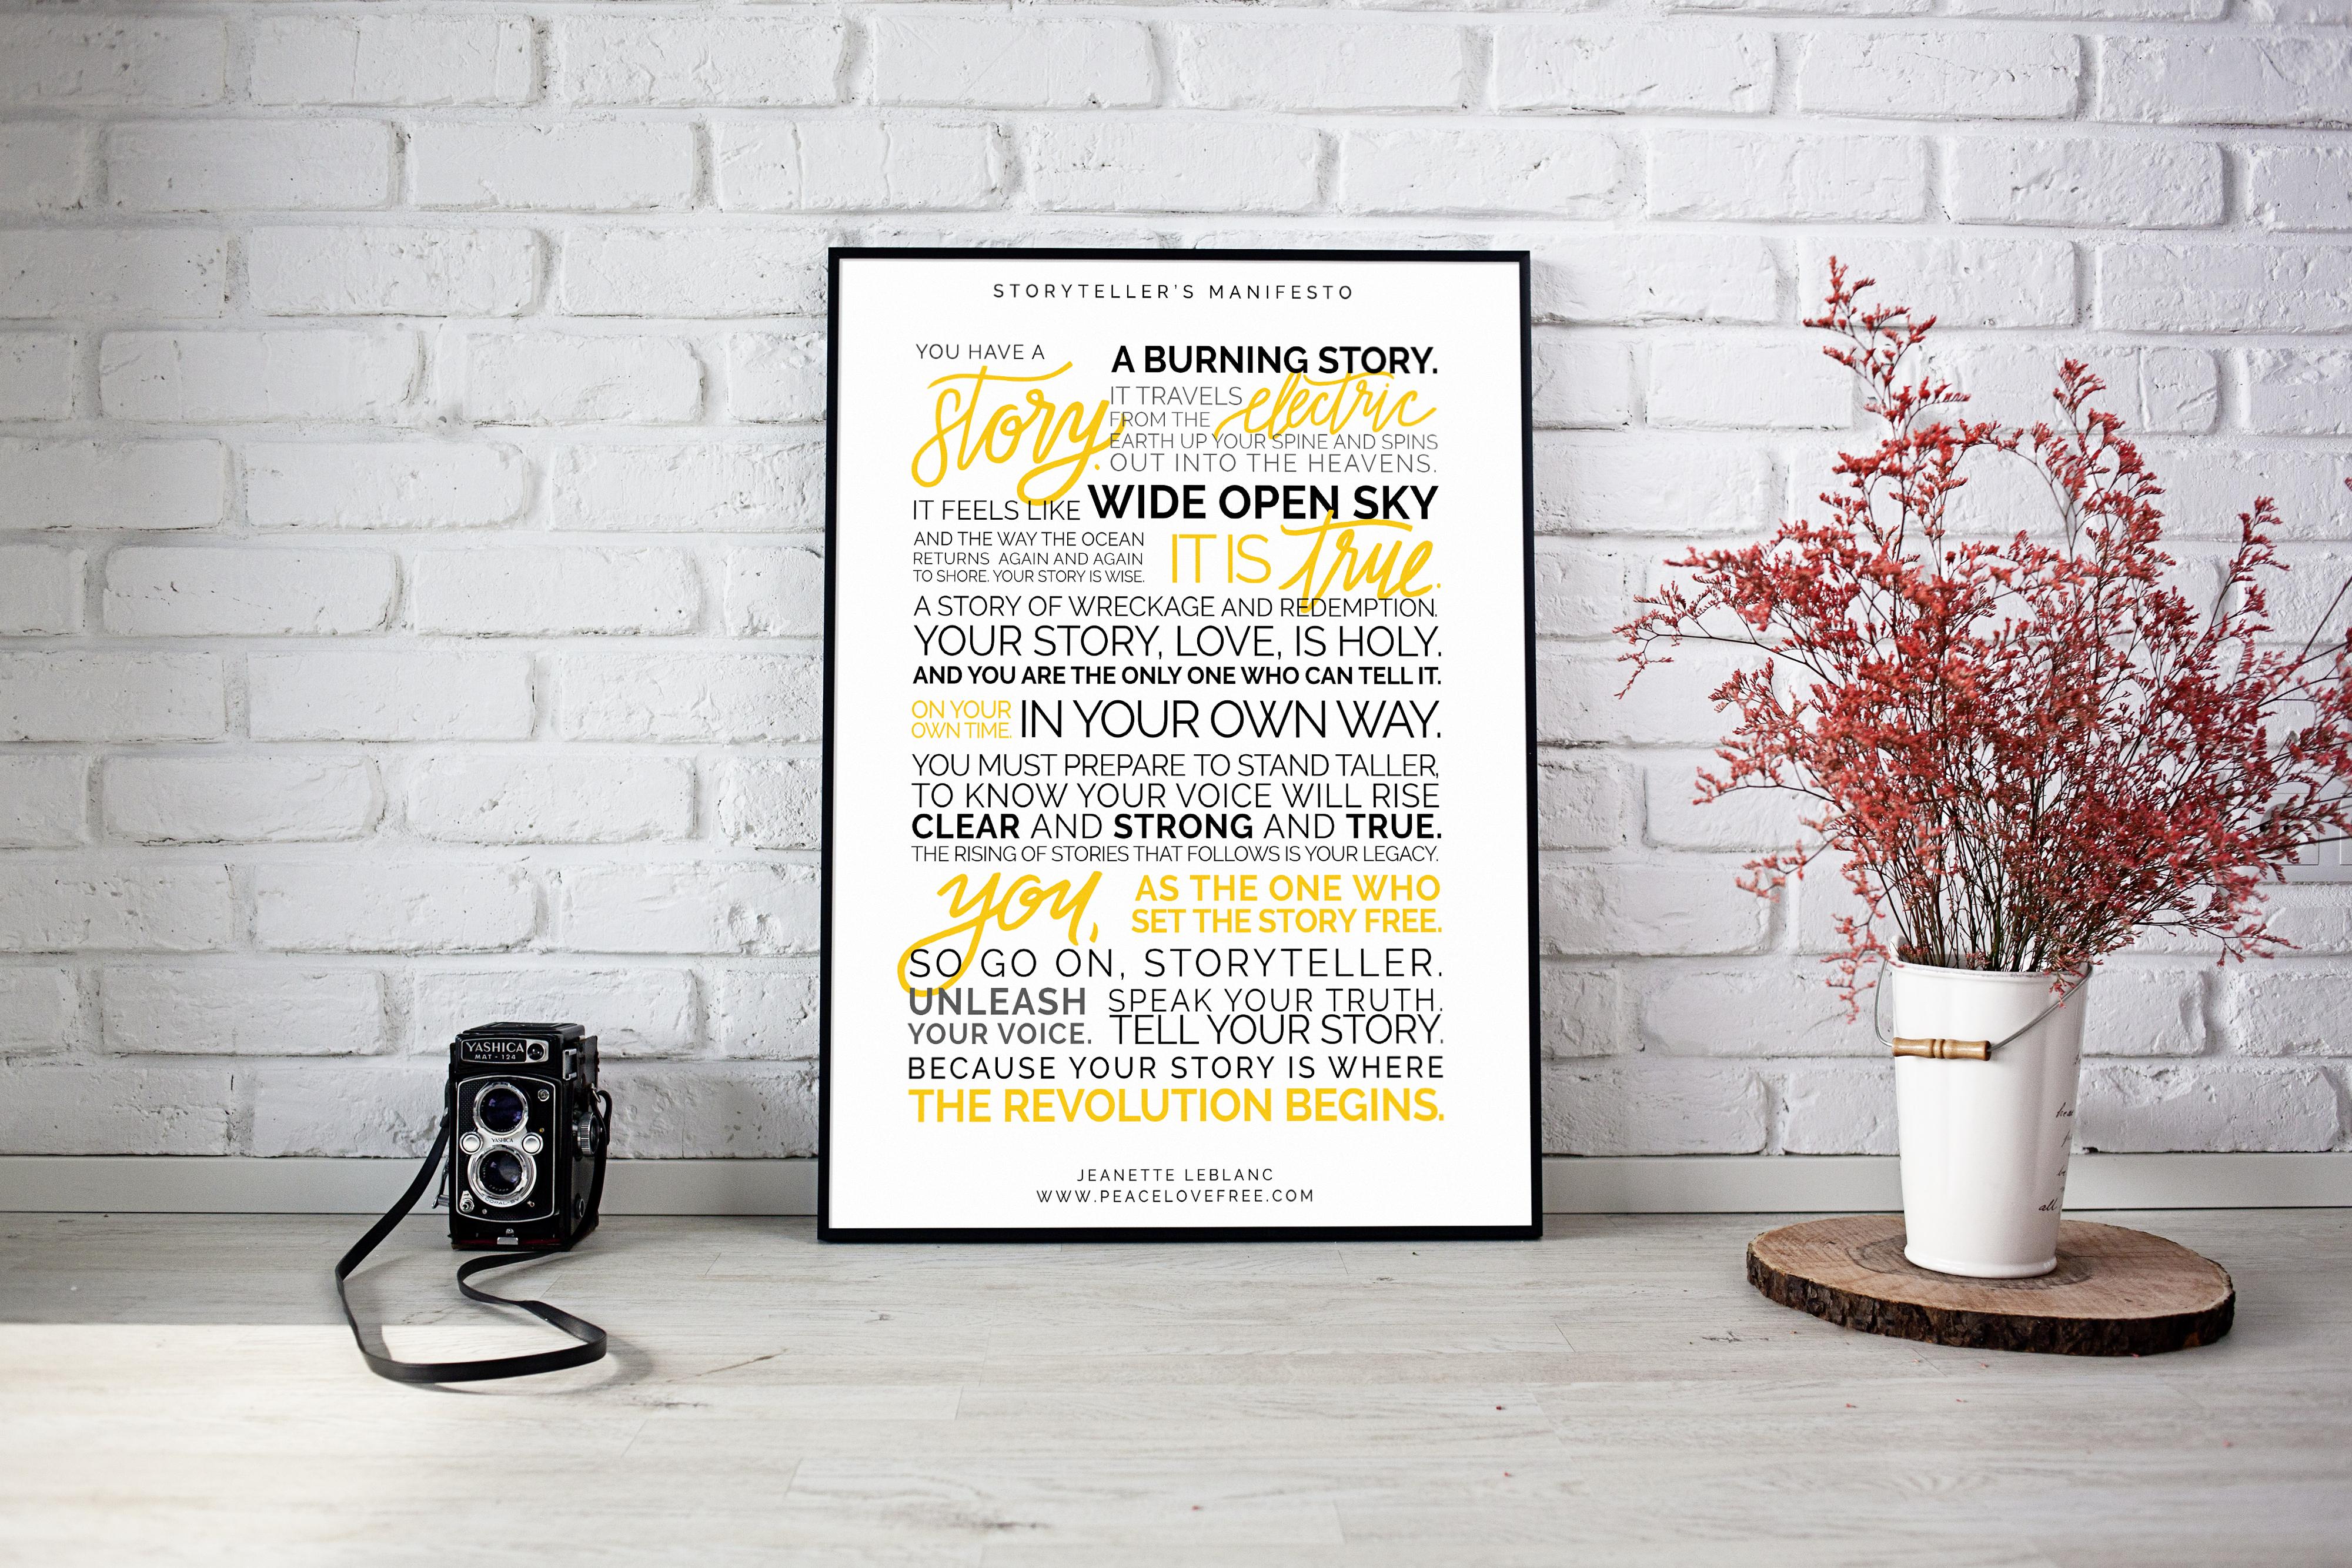 The Storyteller's Manifesto Fine Art Print by Jeanette LeBlanc